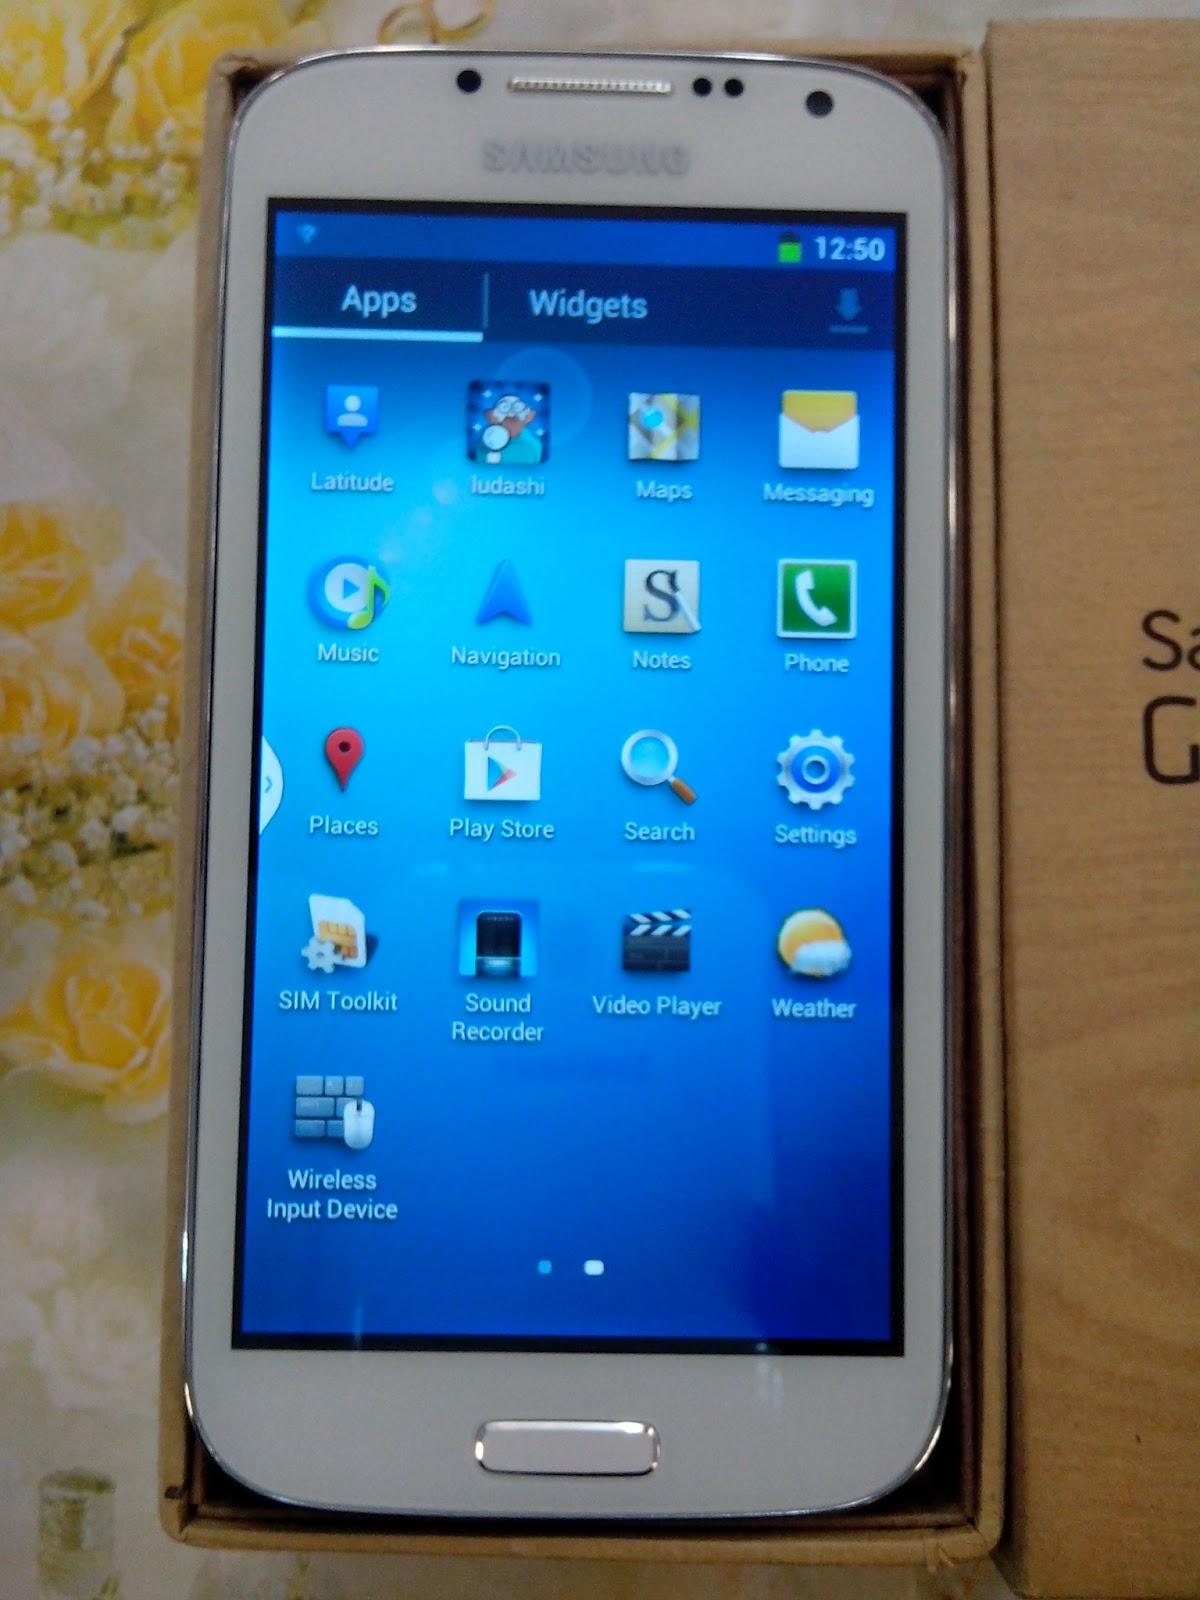 ... & Penjual HP Samsung korea klon kualiti terbaik pada harga murah